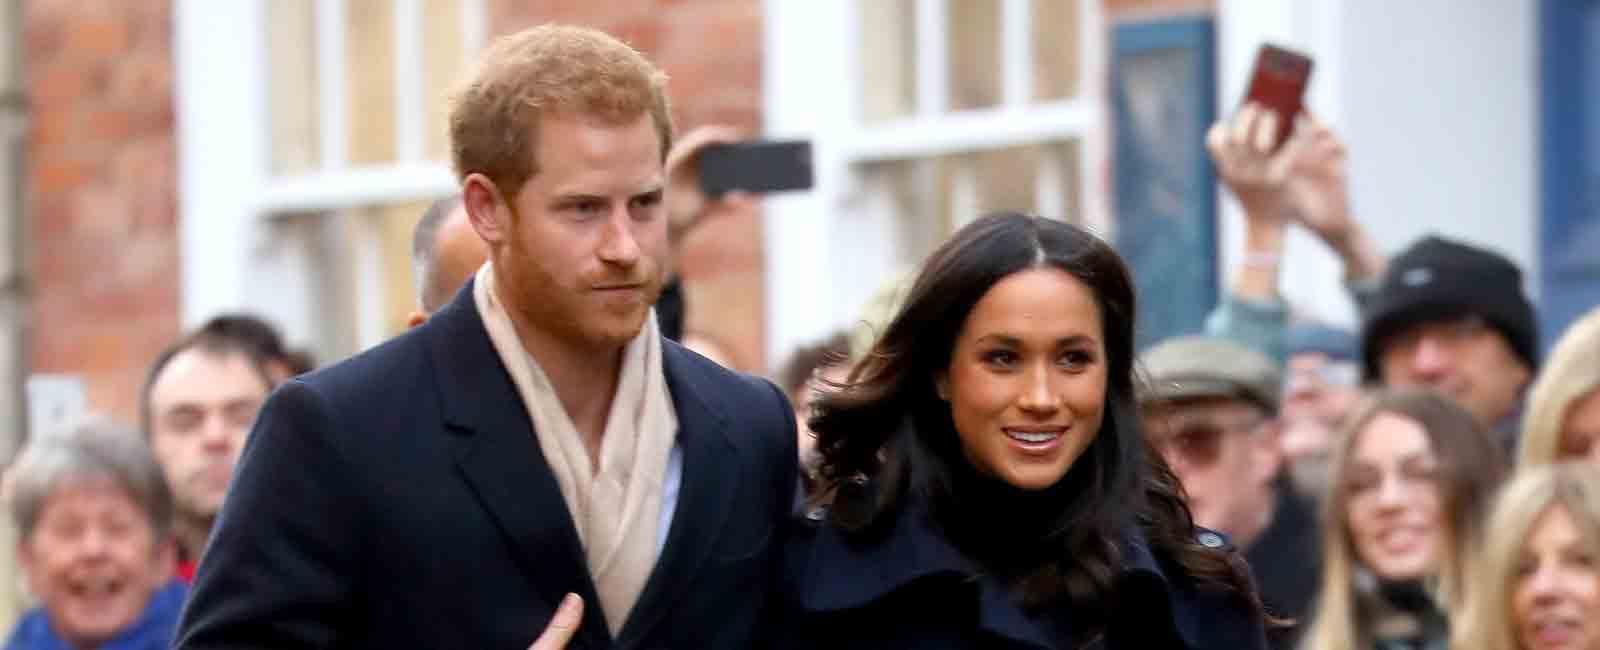 Meghan Markle y el príncipe Harry ya tienen el consentimiento formal para su futura boda